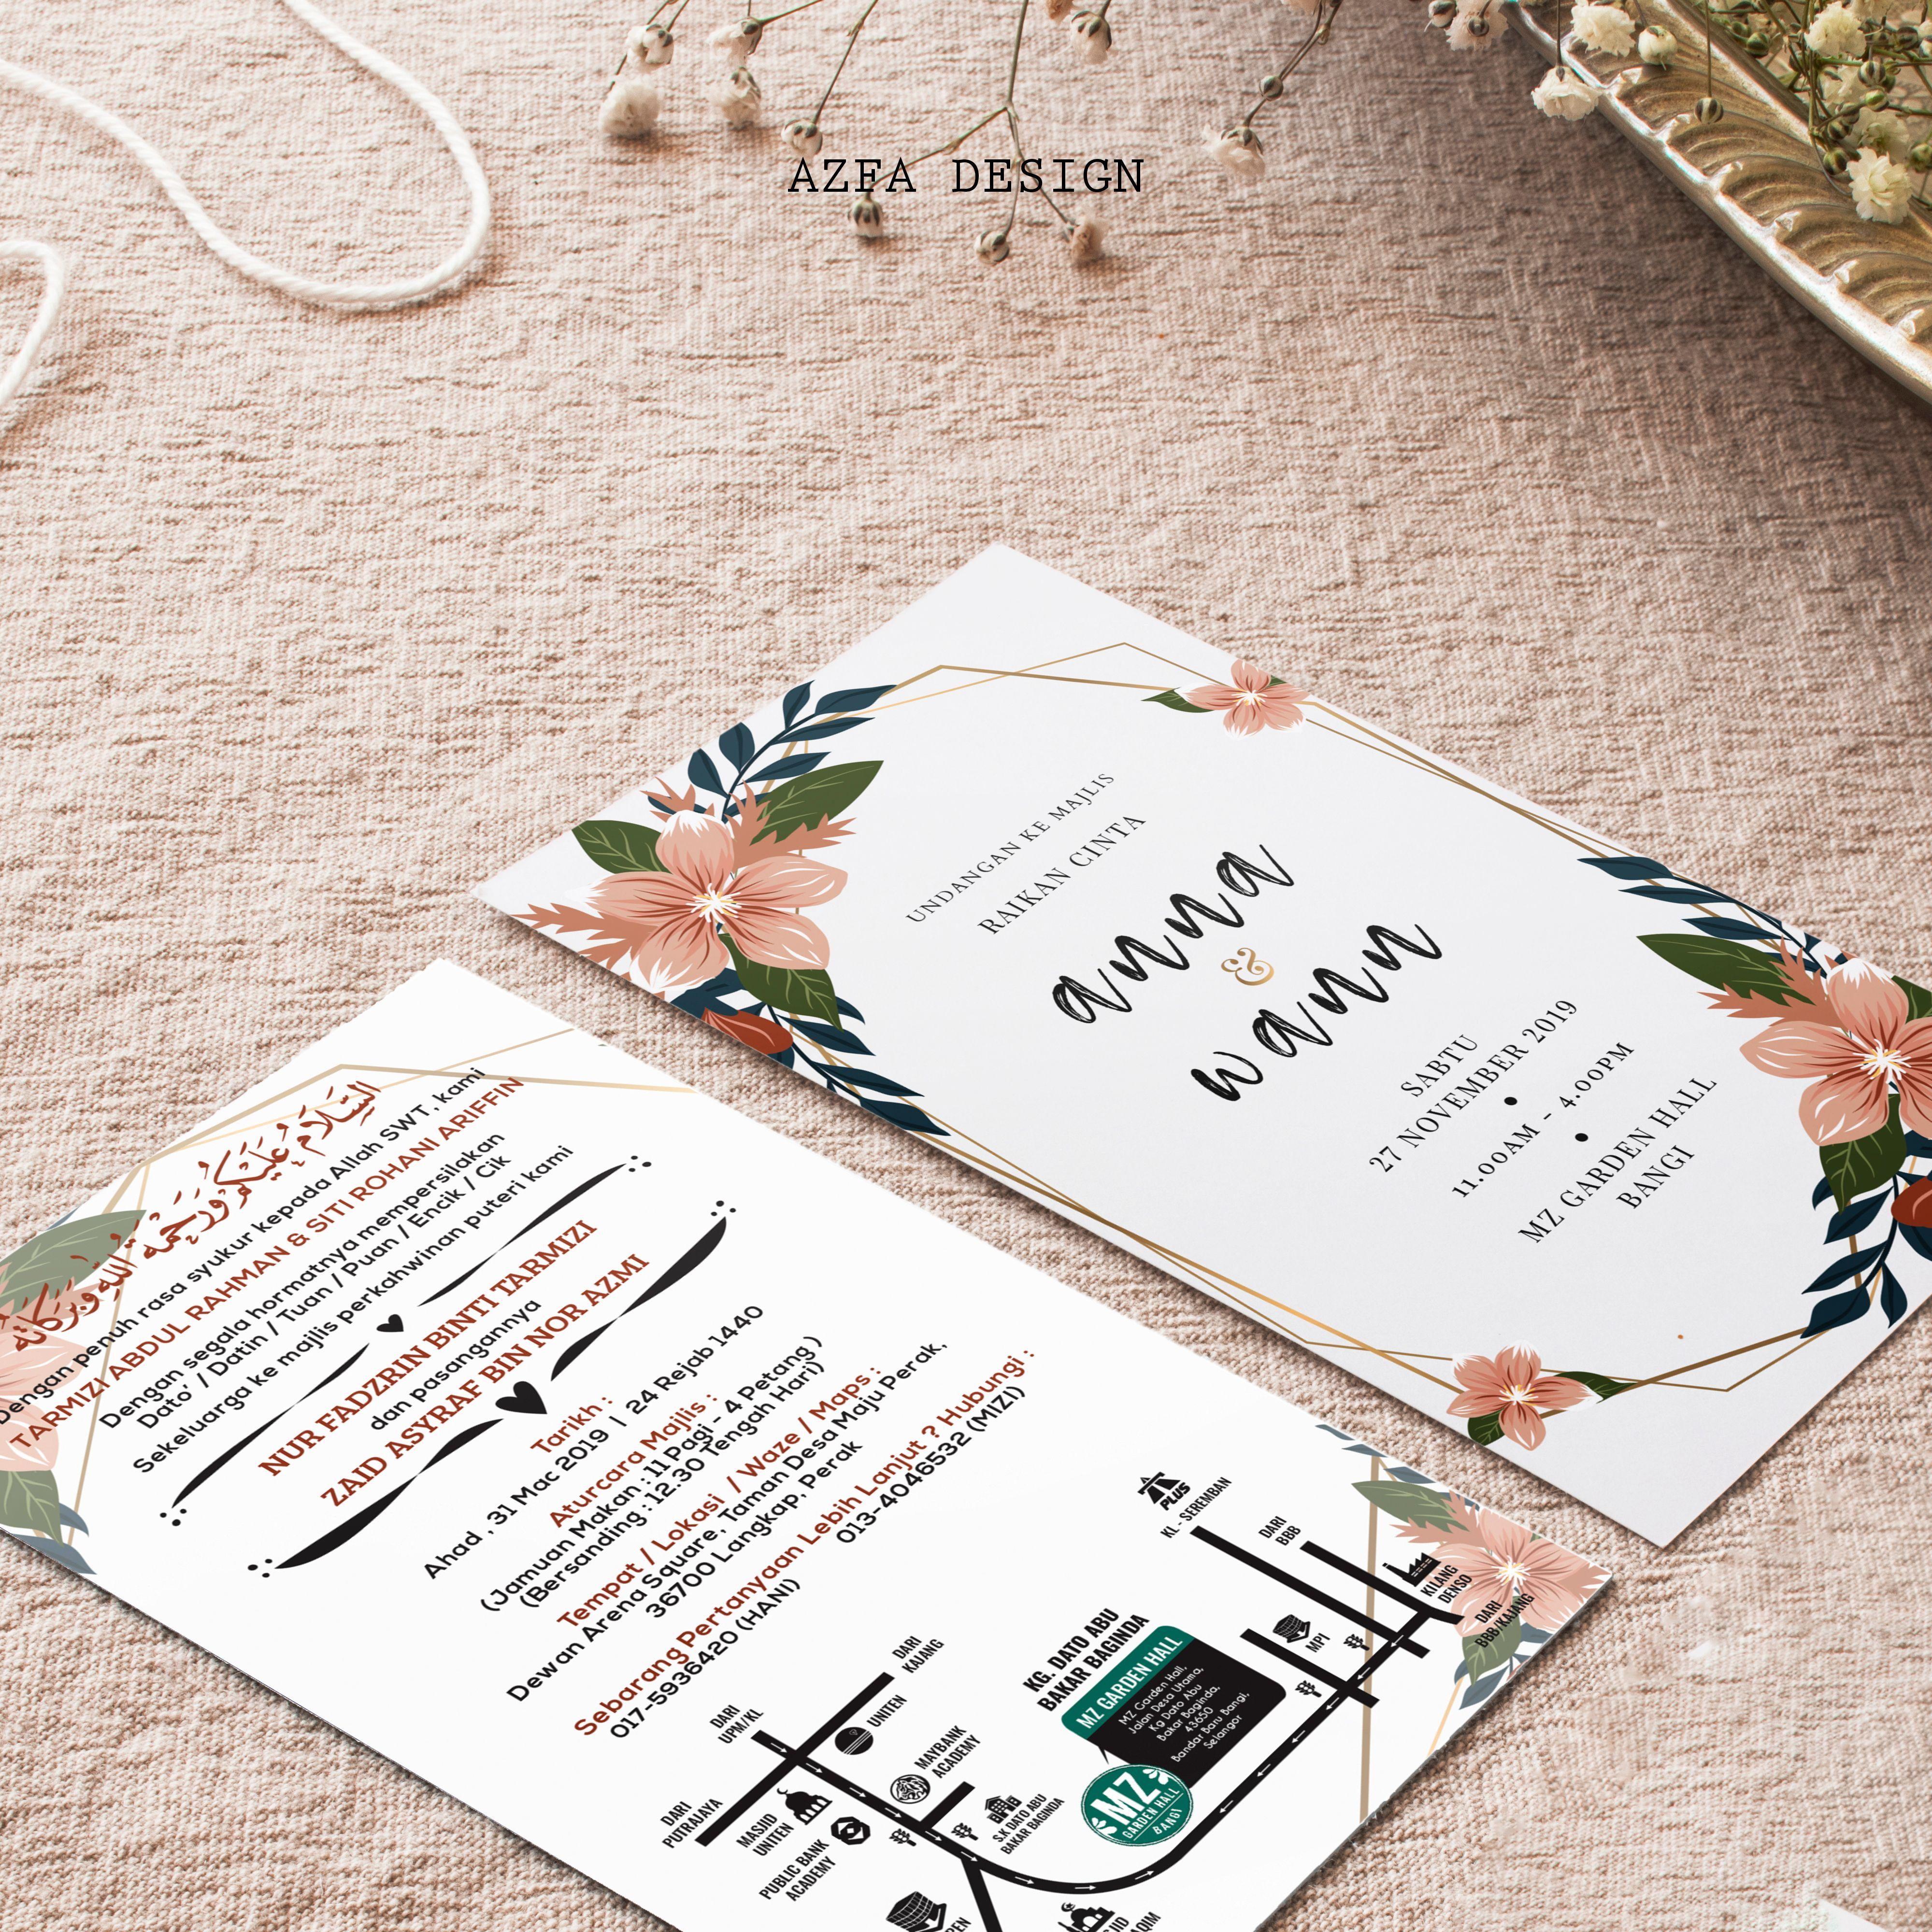 Azfadesign Kadkahwin Bila Ye Biasanya Waktu Yang Sesuai Untuk Tempah Kad Kahwin Seminggu Sebelum Sebulan Sebelum 3 M Invitation Cards Invitations Cards